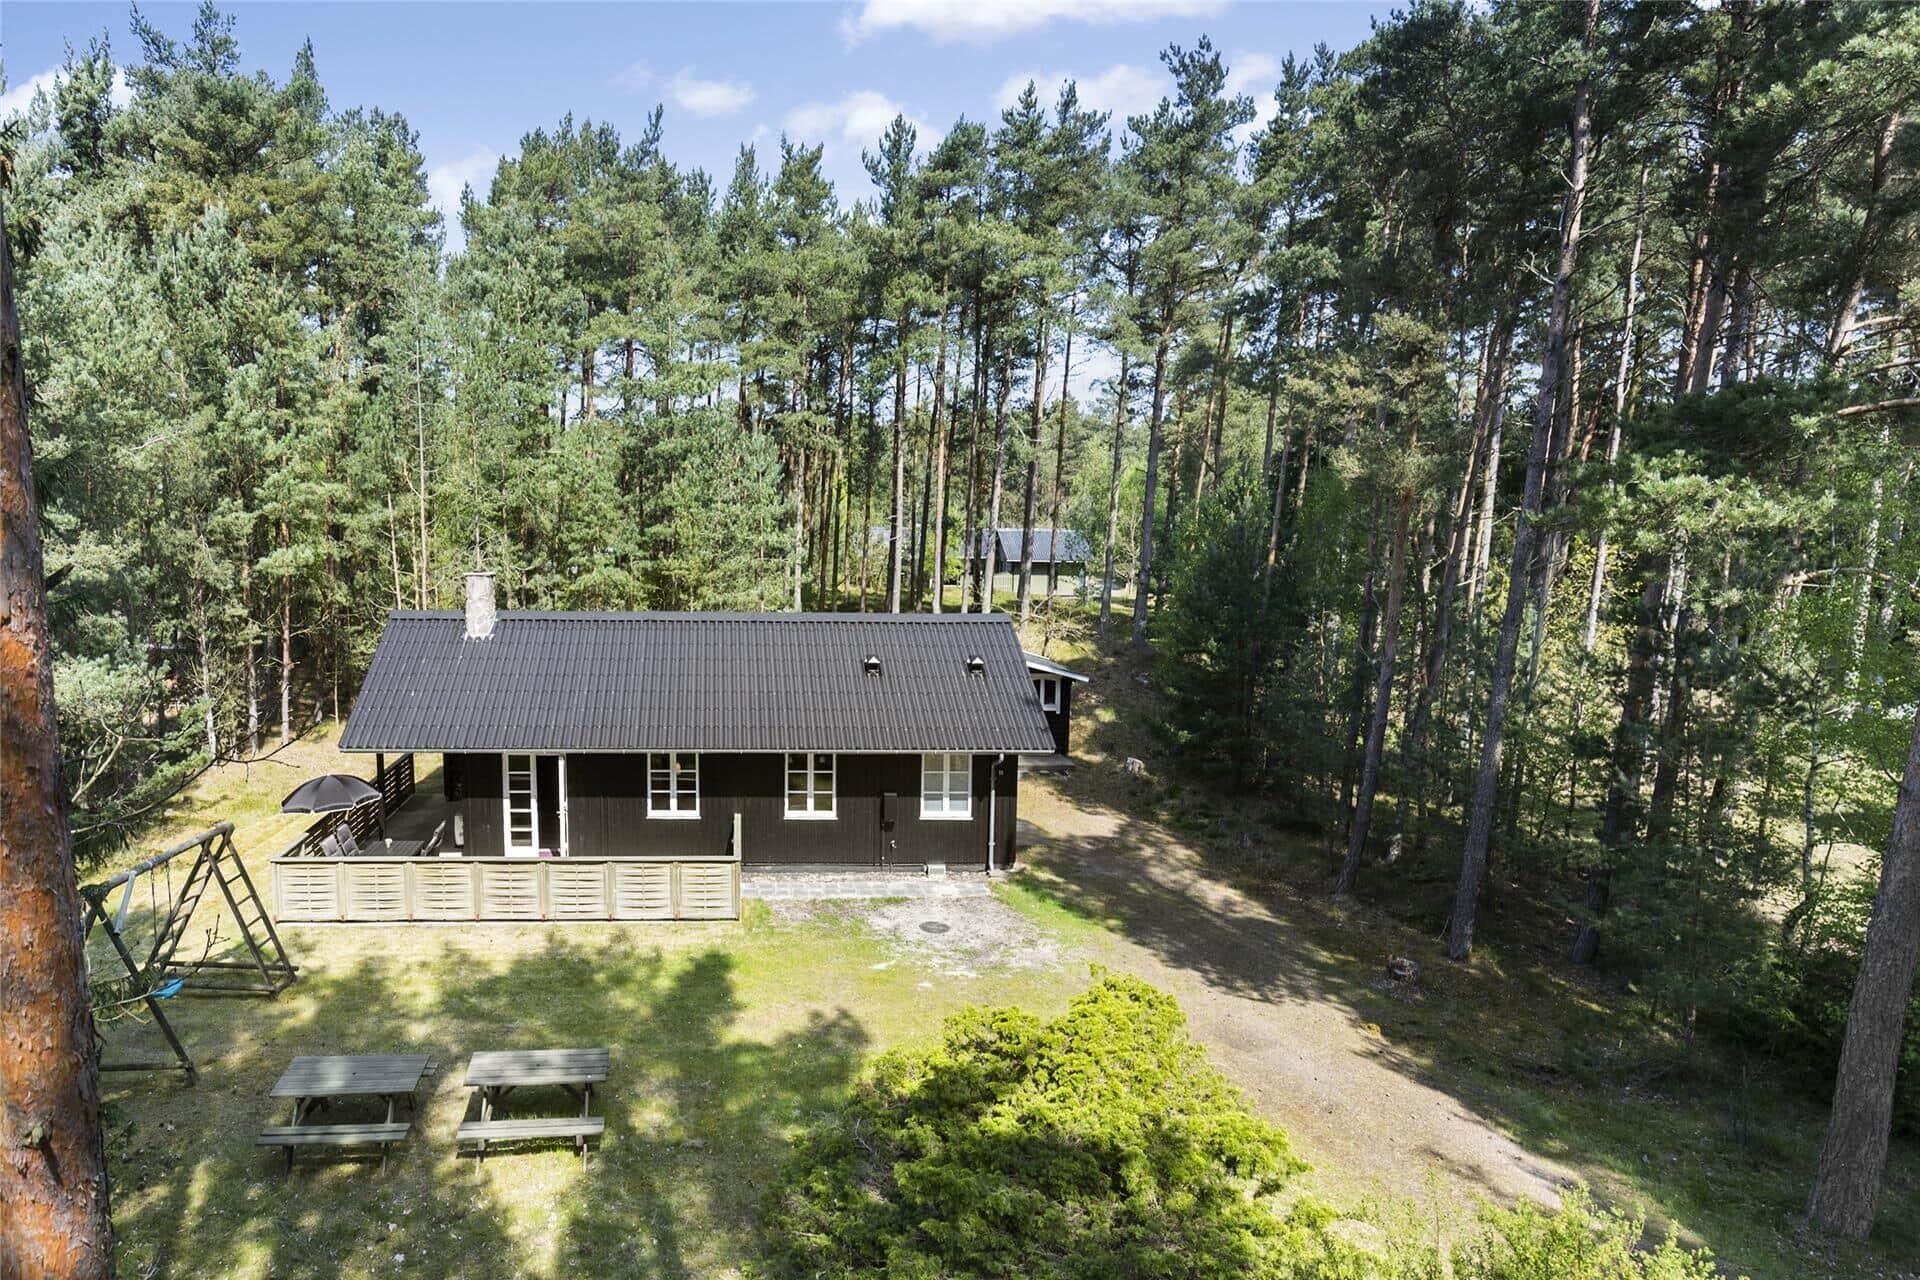 Billede 1-10 Sommerhus 1301, Fyrreskoven 11, DK - 3720 Aakirkeby